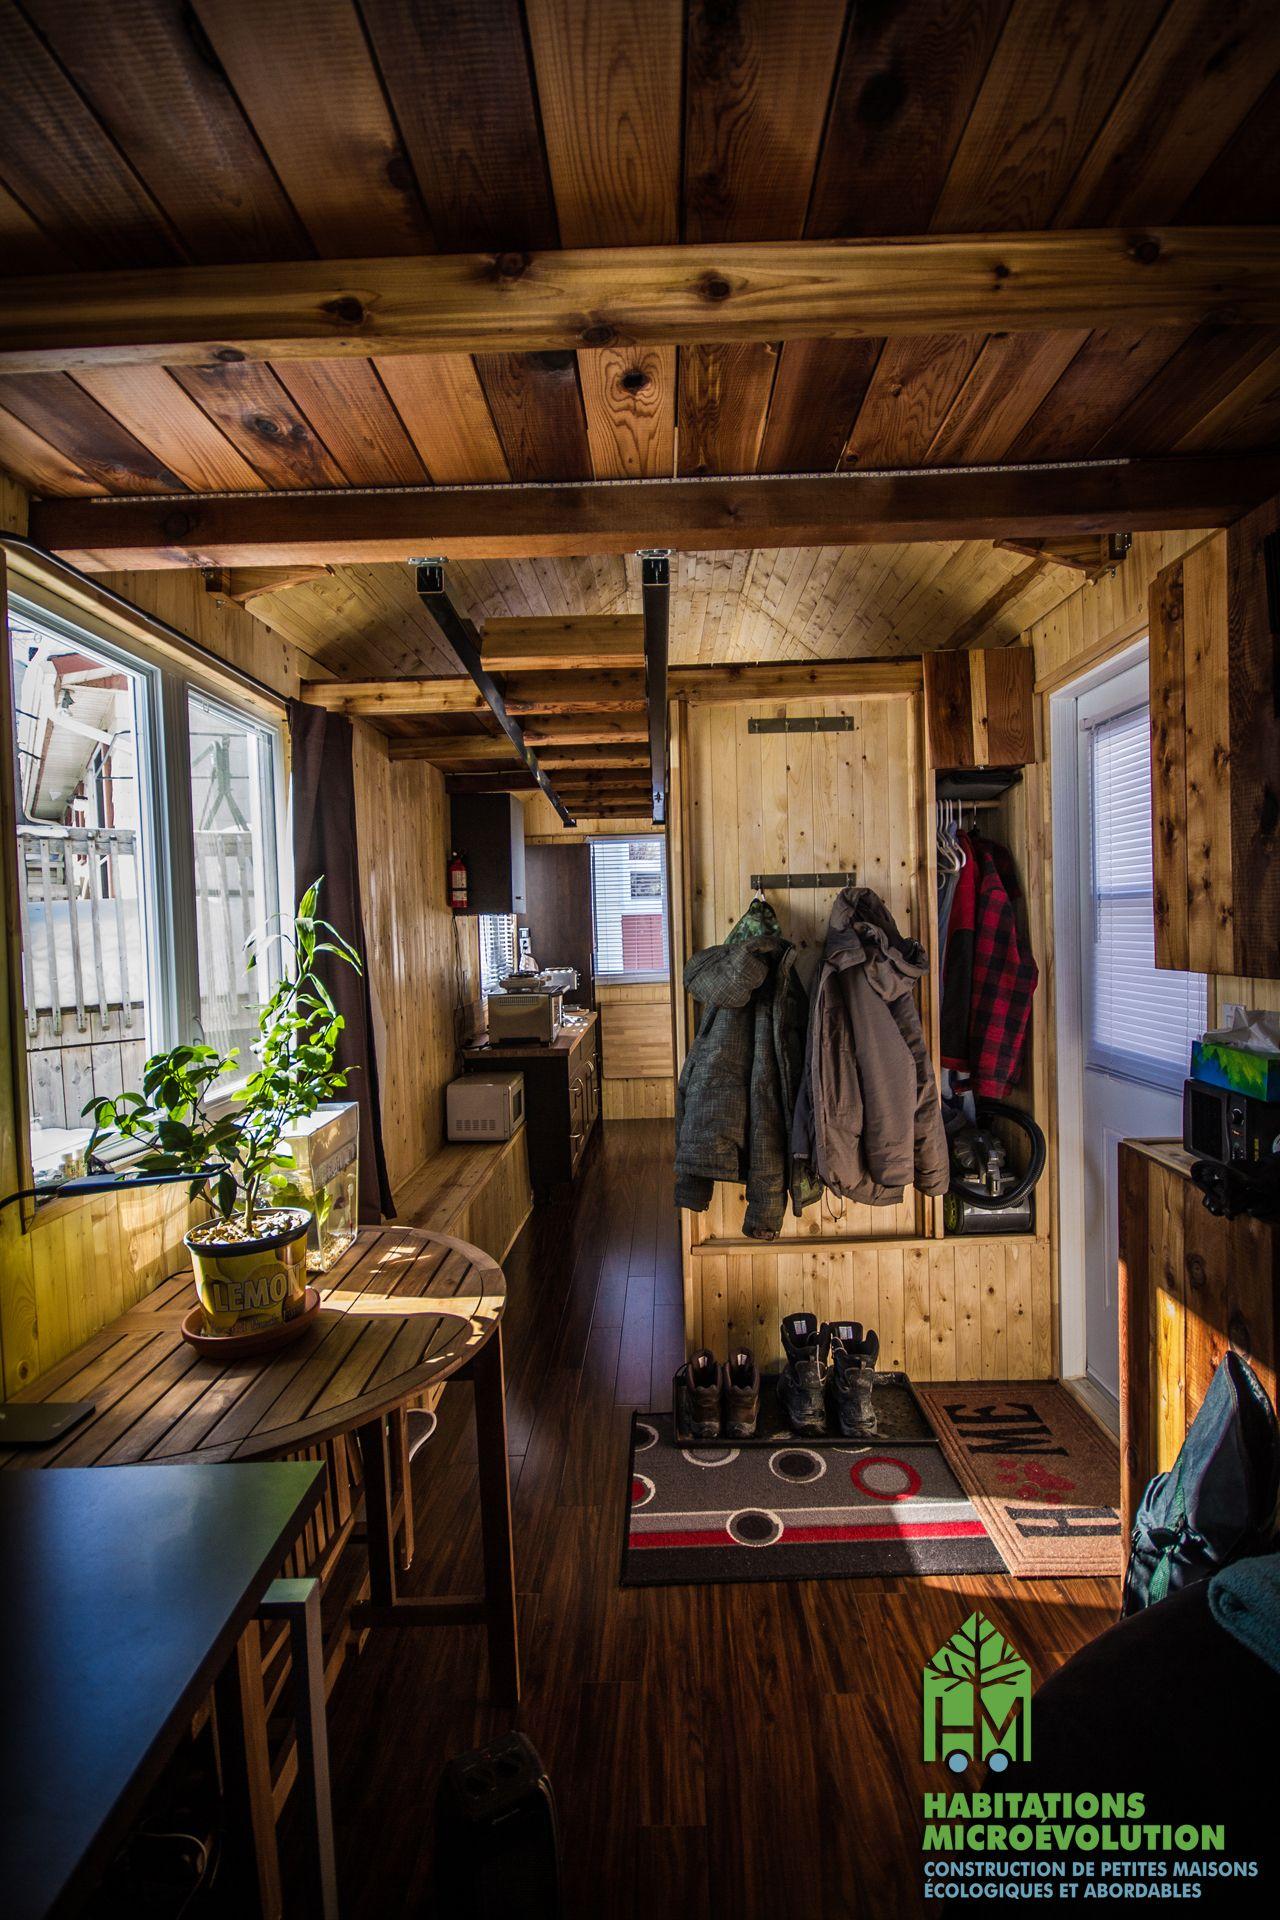 Habitations Microévolution Quebec Canada Tiny Houses